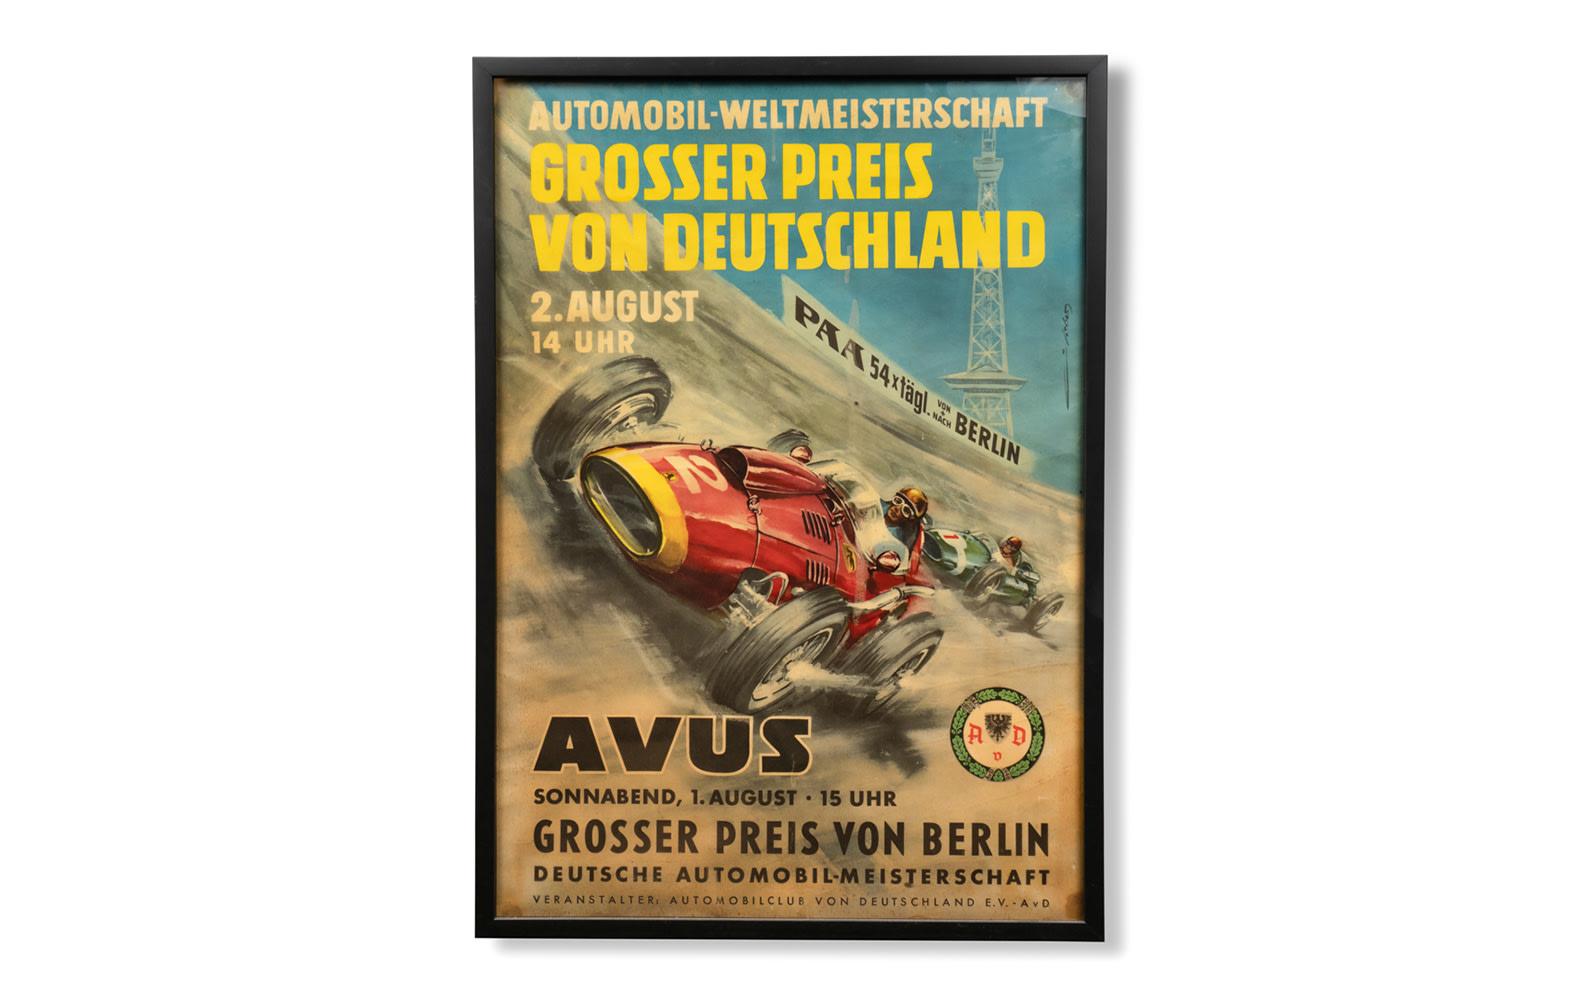 1959 Grosser Preis von Berlin AVUS Poster, Framed